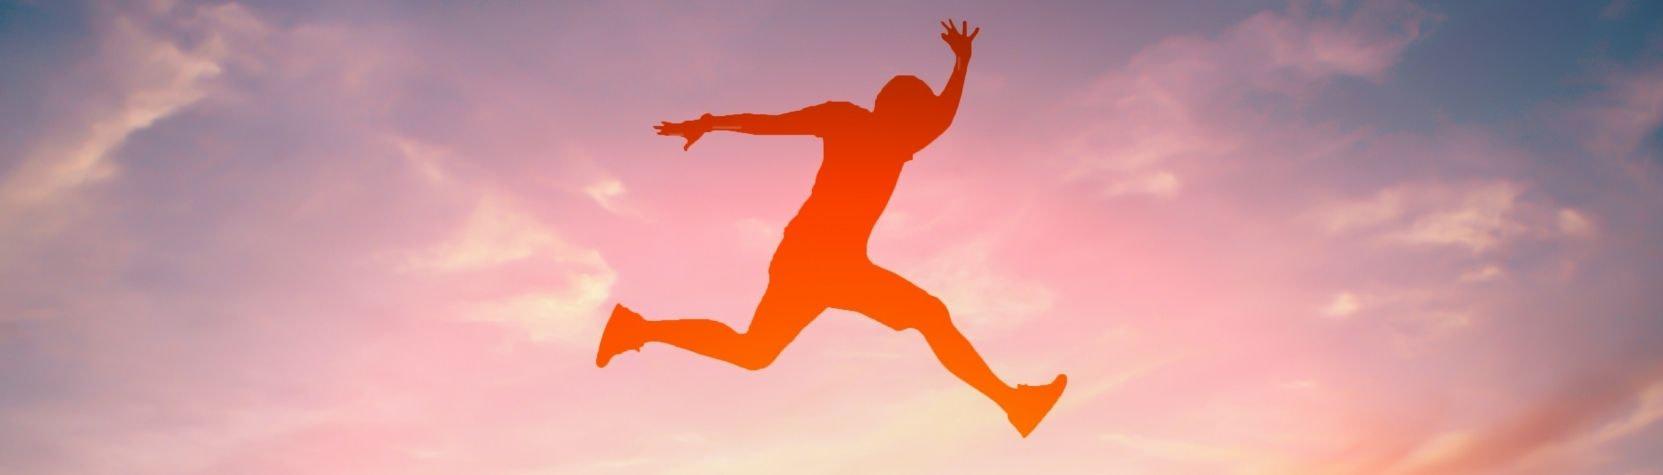 Vds training consultants whitepaper zelfleiderschap